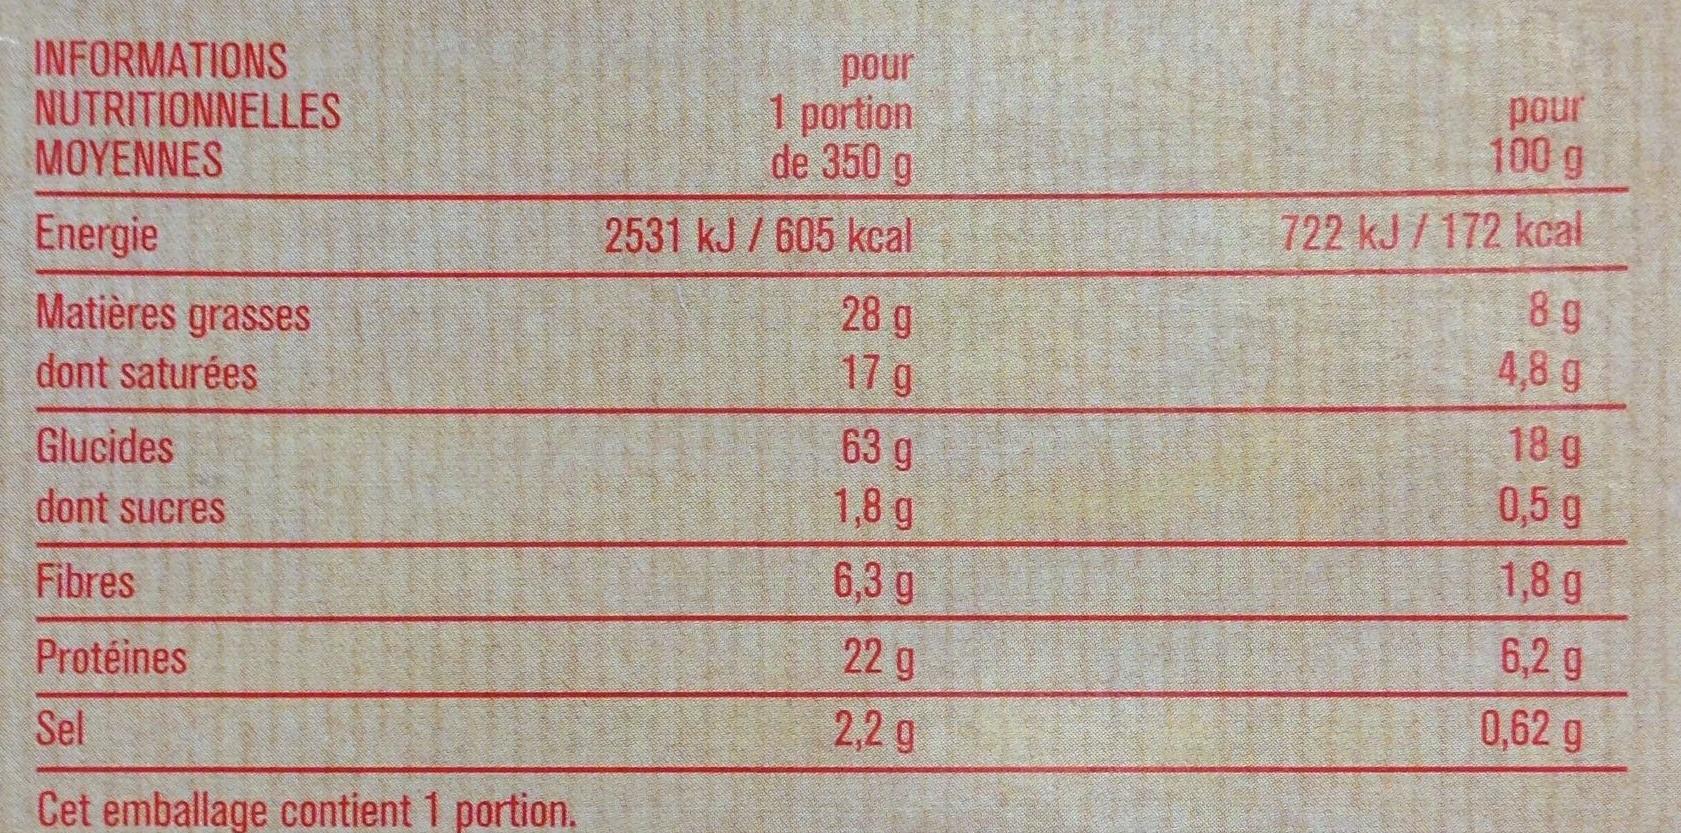 Tagliatelles Carbonara à la crème fraîche - Nutrition facts